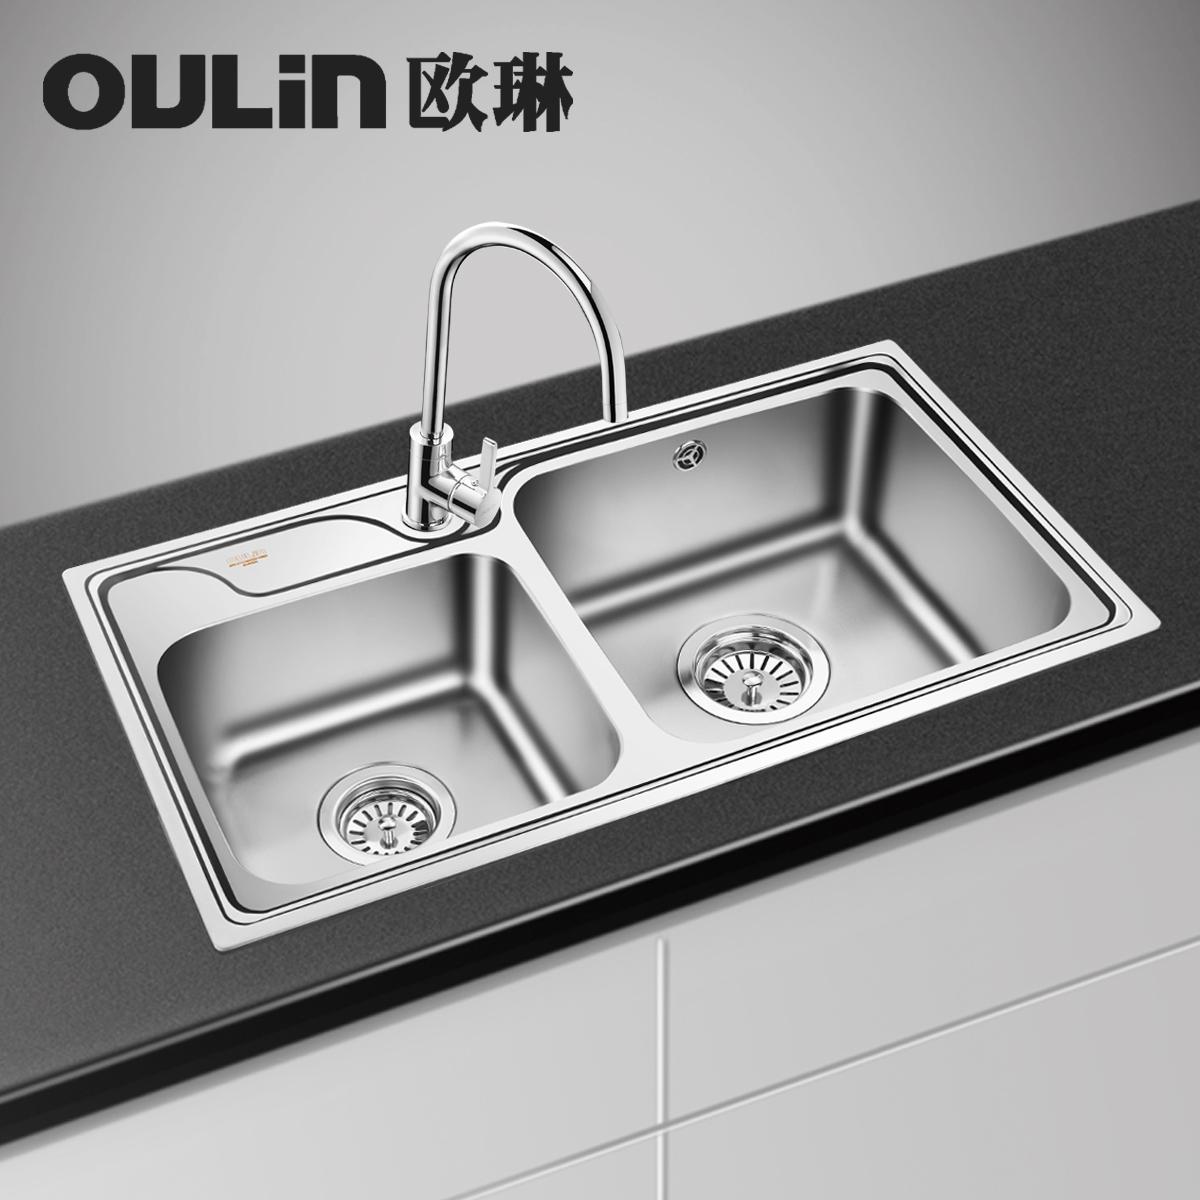 Мойка одинарная Oulin  OL2202+OL